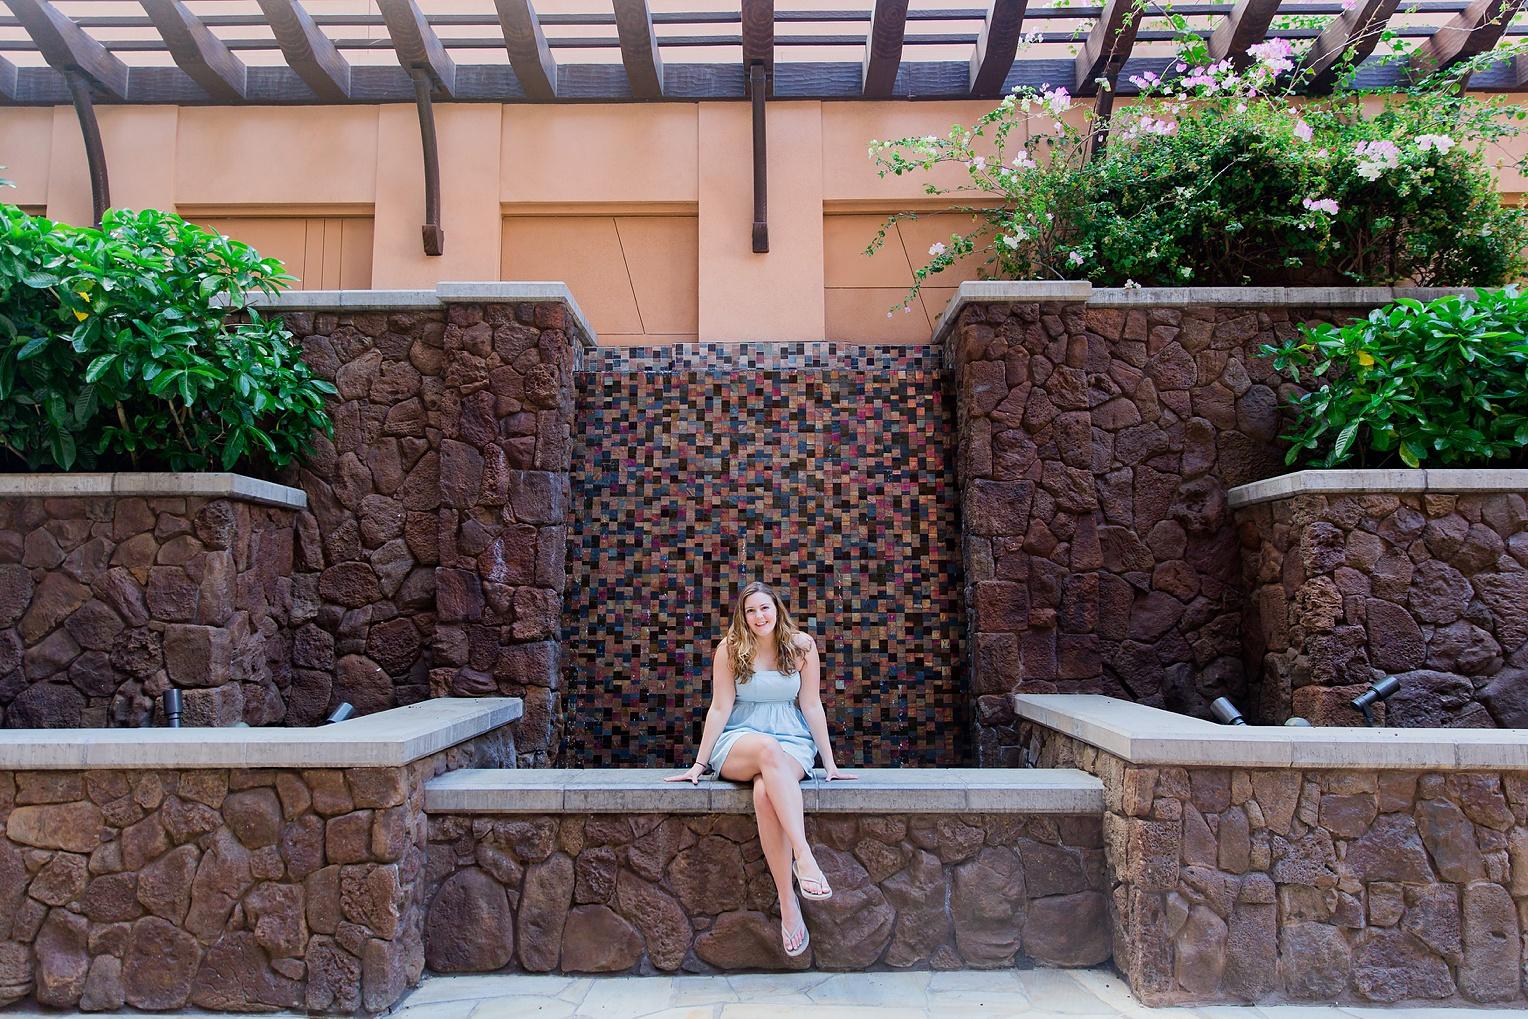 Hawaii Oahu Botanical Gardens Ko'olina Lagoon-9274.jpg